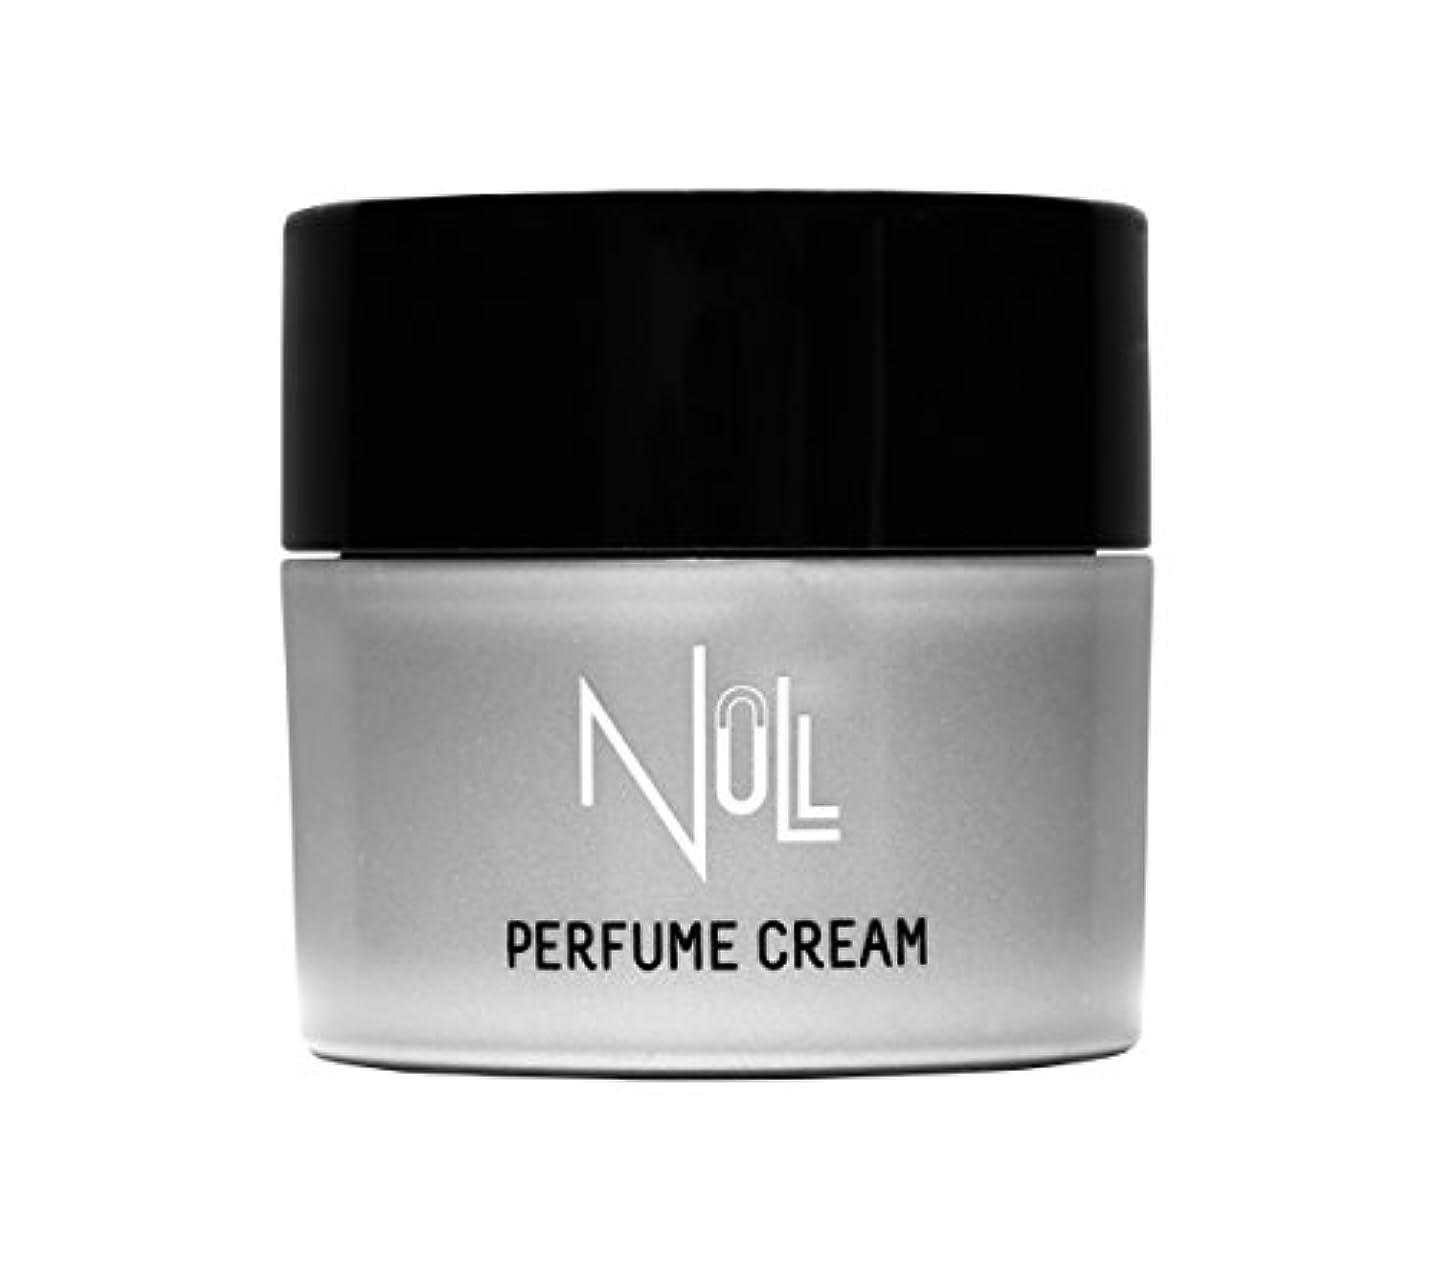 権利を与えるバット依存NULL 練り香水 メンズ 【さりげなく良い香りを漂わせたい方へオススメ-シトラスムスクの香り】パヒュームクリーム 練香水 香水 香水クリーム ボディクリーム 30g